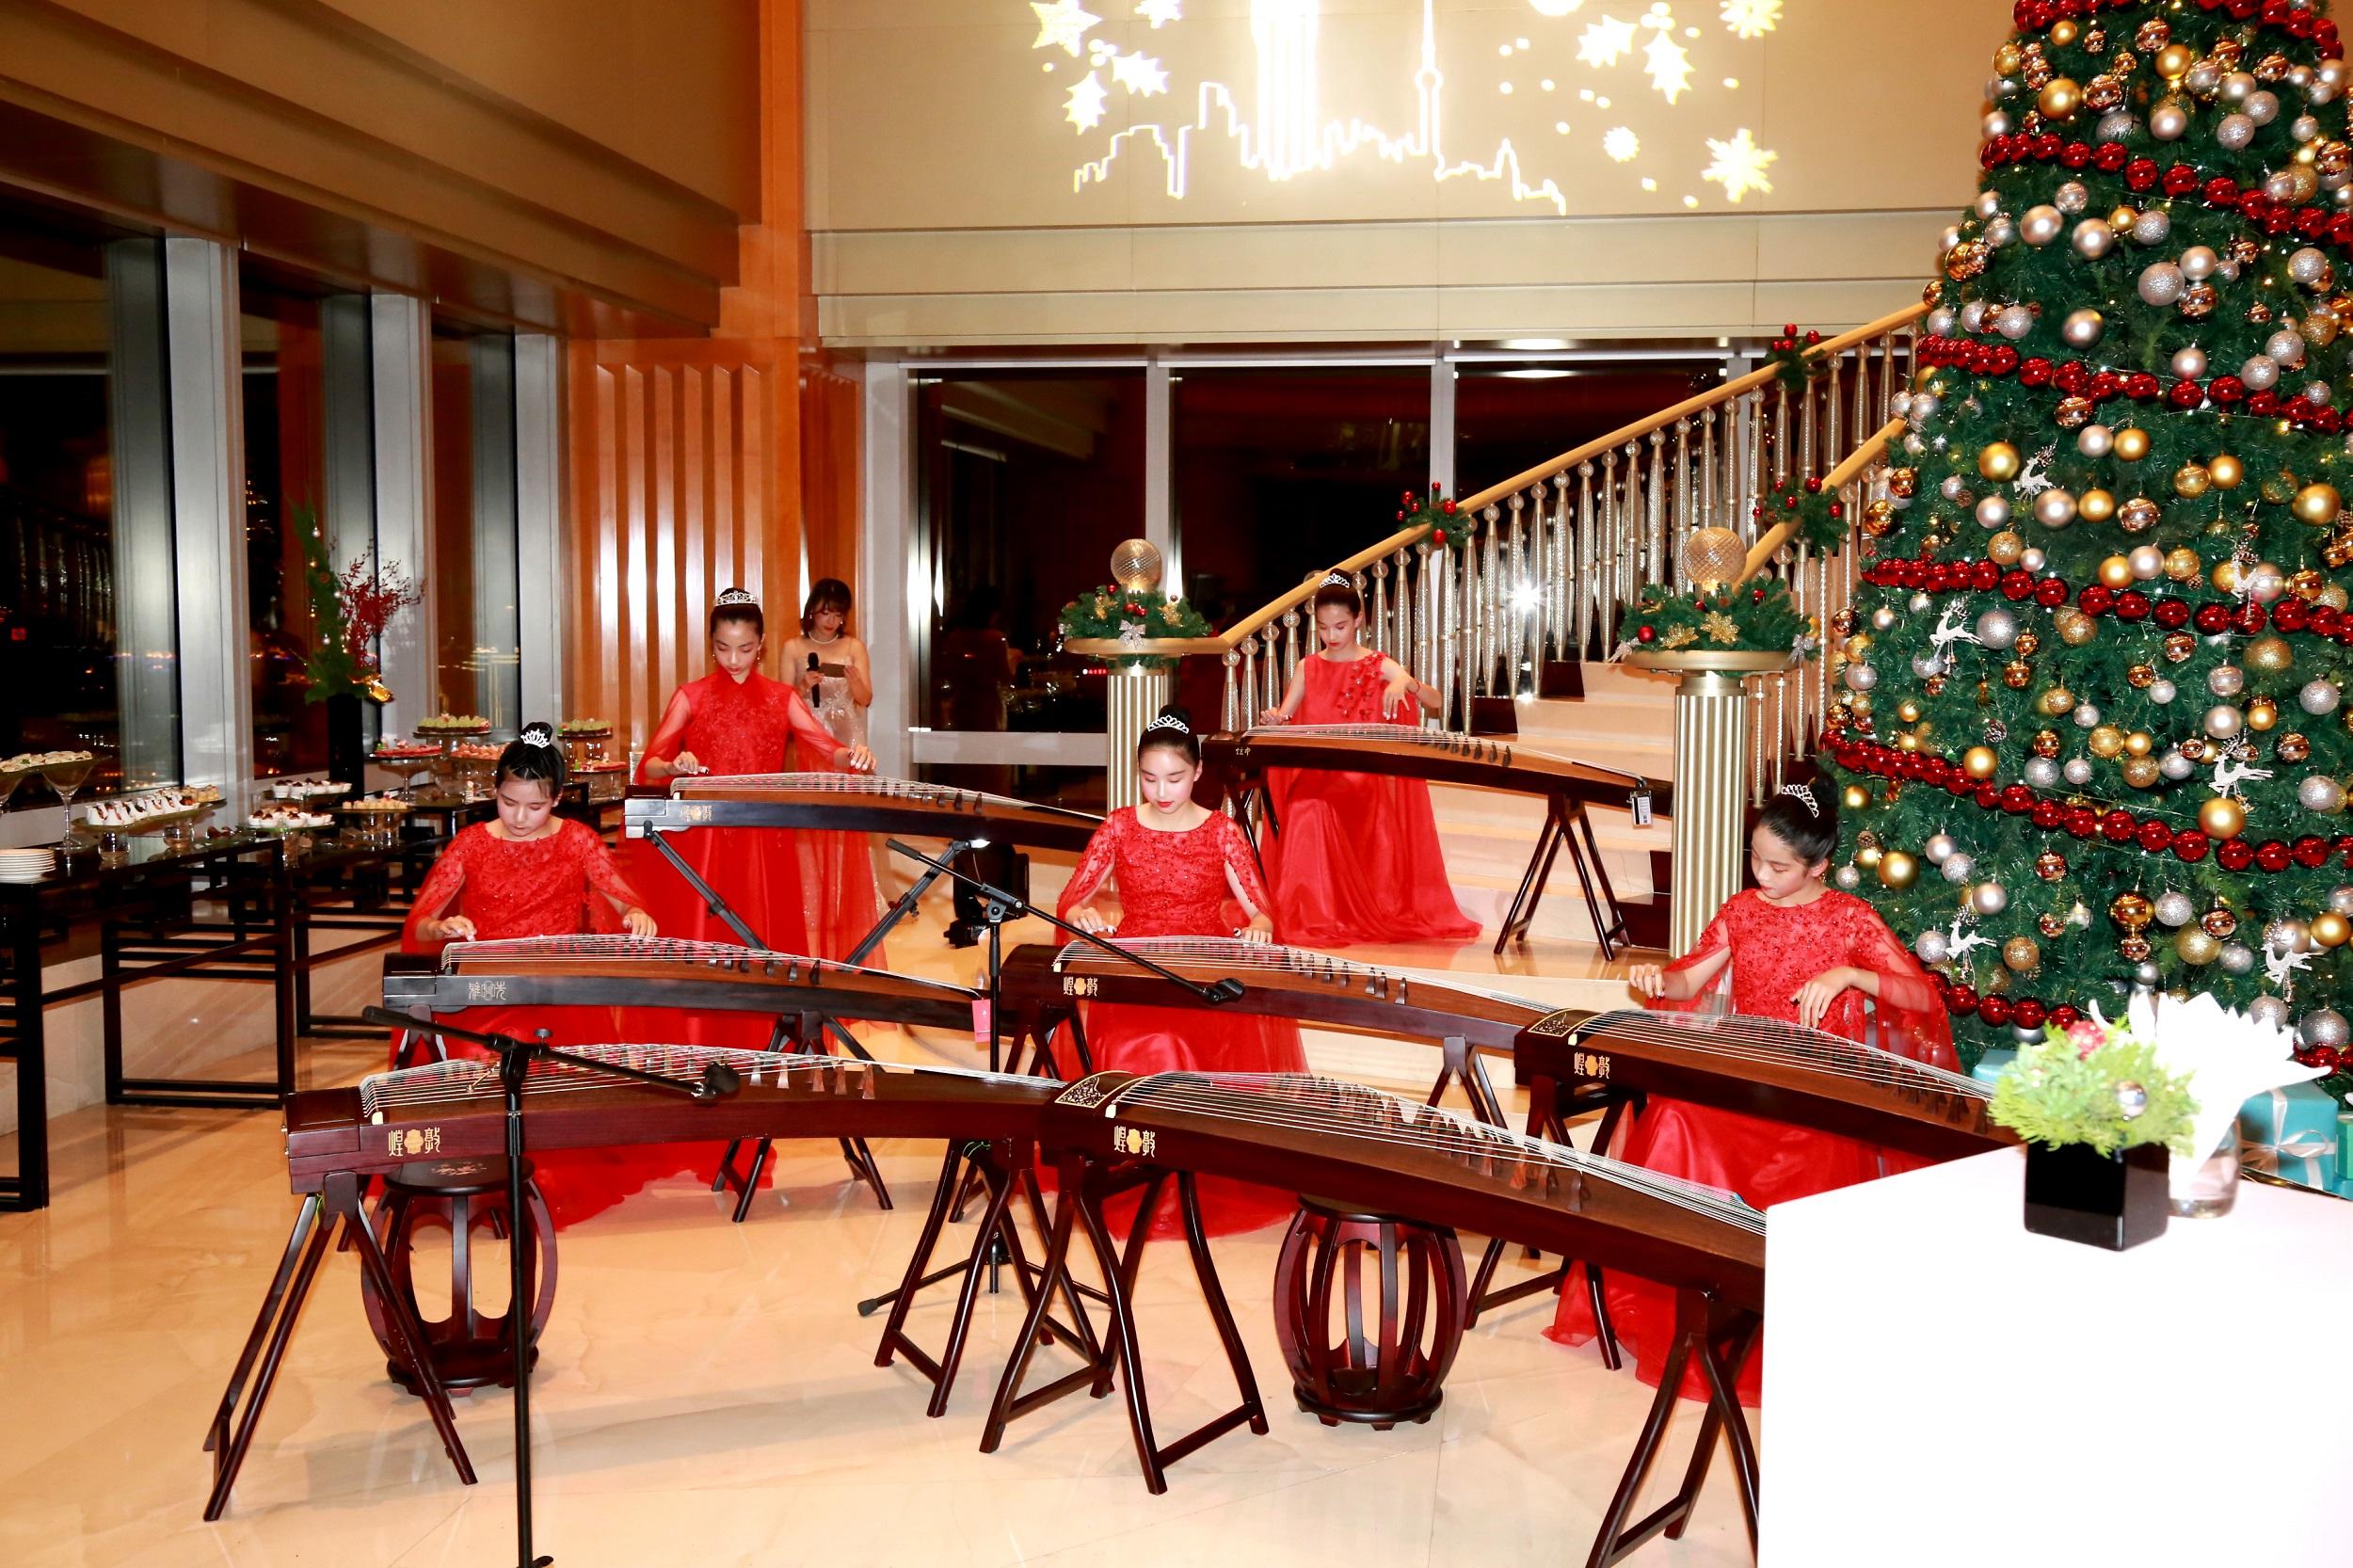 上海明天广场JW万豪酒店开启圣诞季庆祝序幕